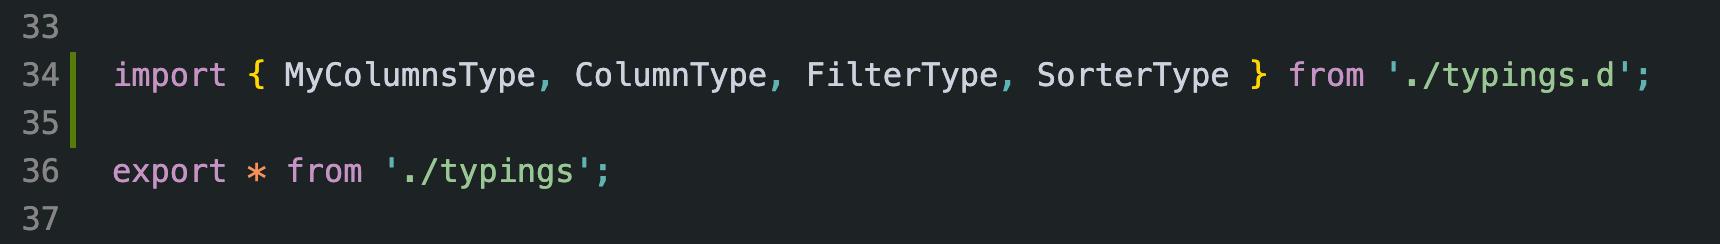 源代码和编译后的代码